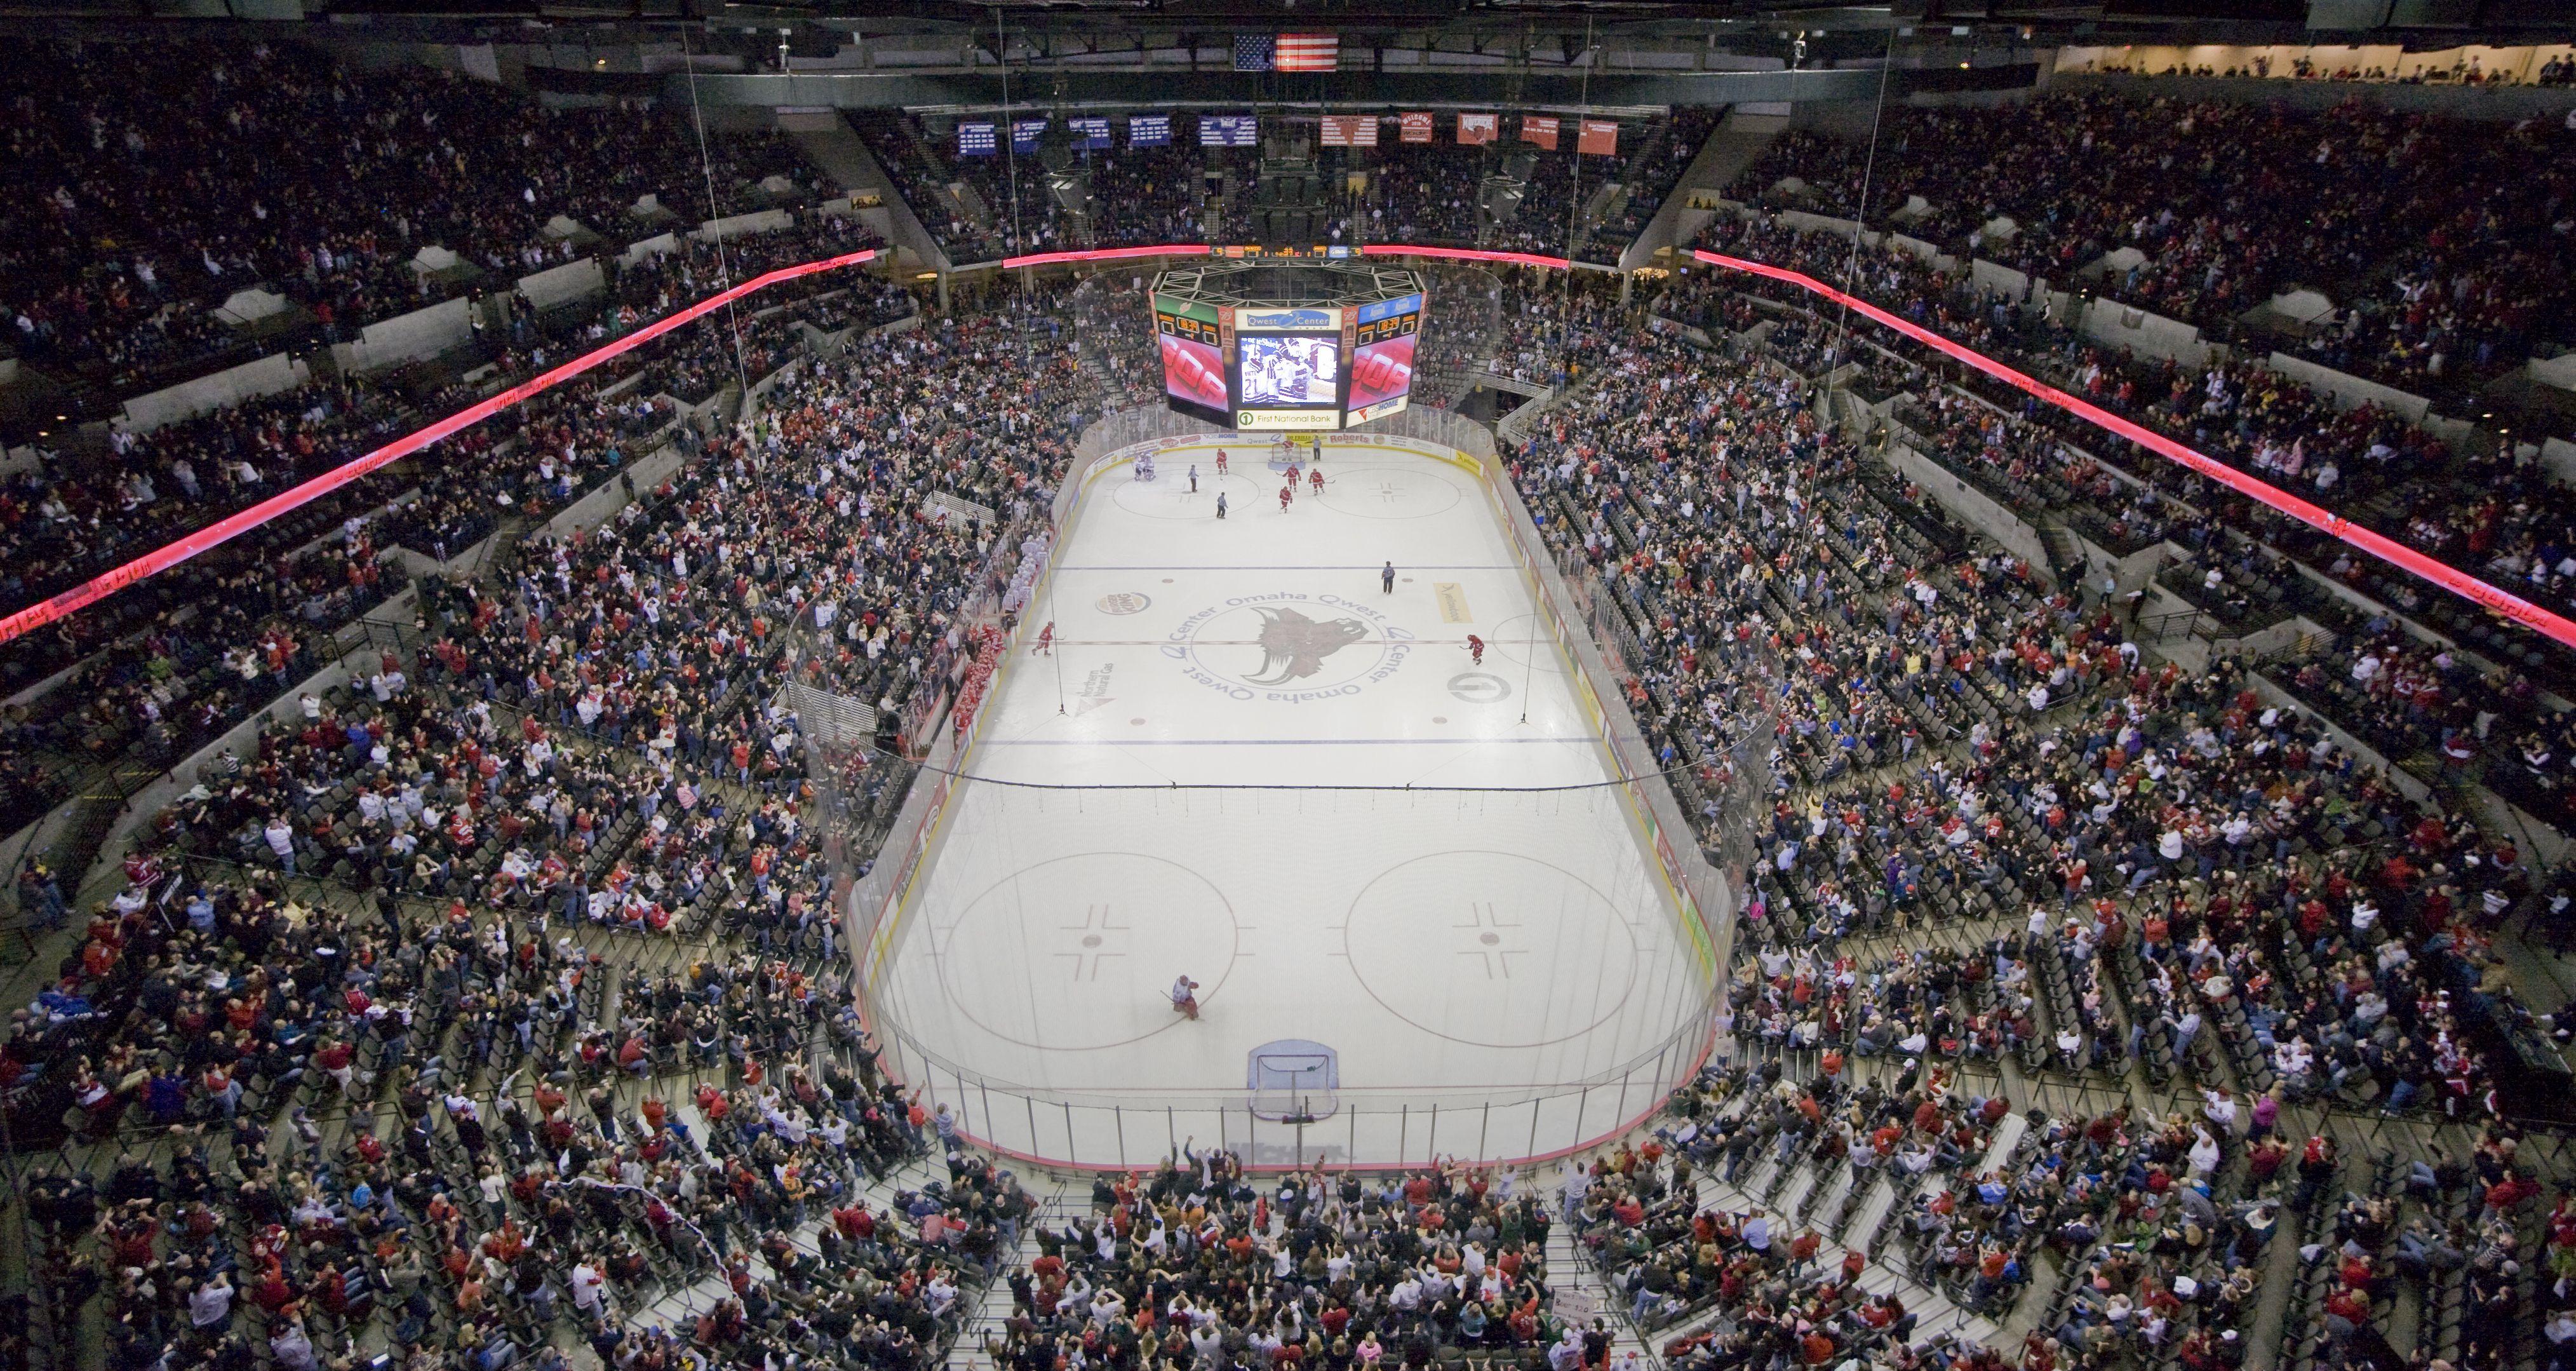 Centurylink Center Omaha >> Centurylink Center Omaha Media Storytelling Spring 2013 Hockey